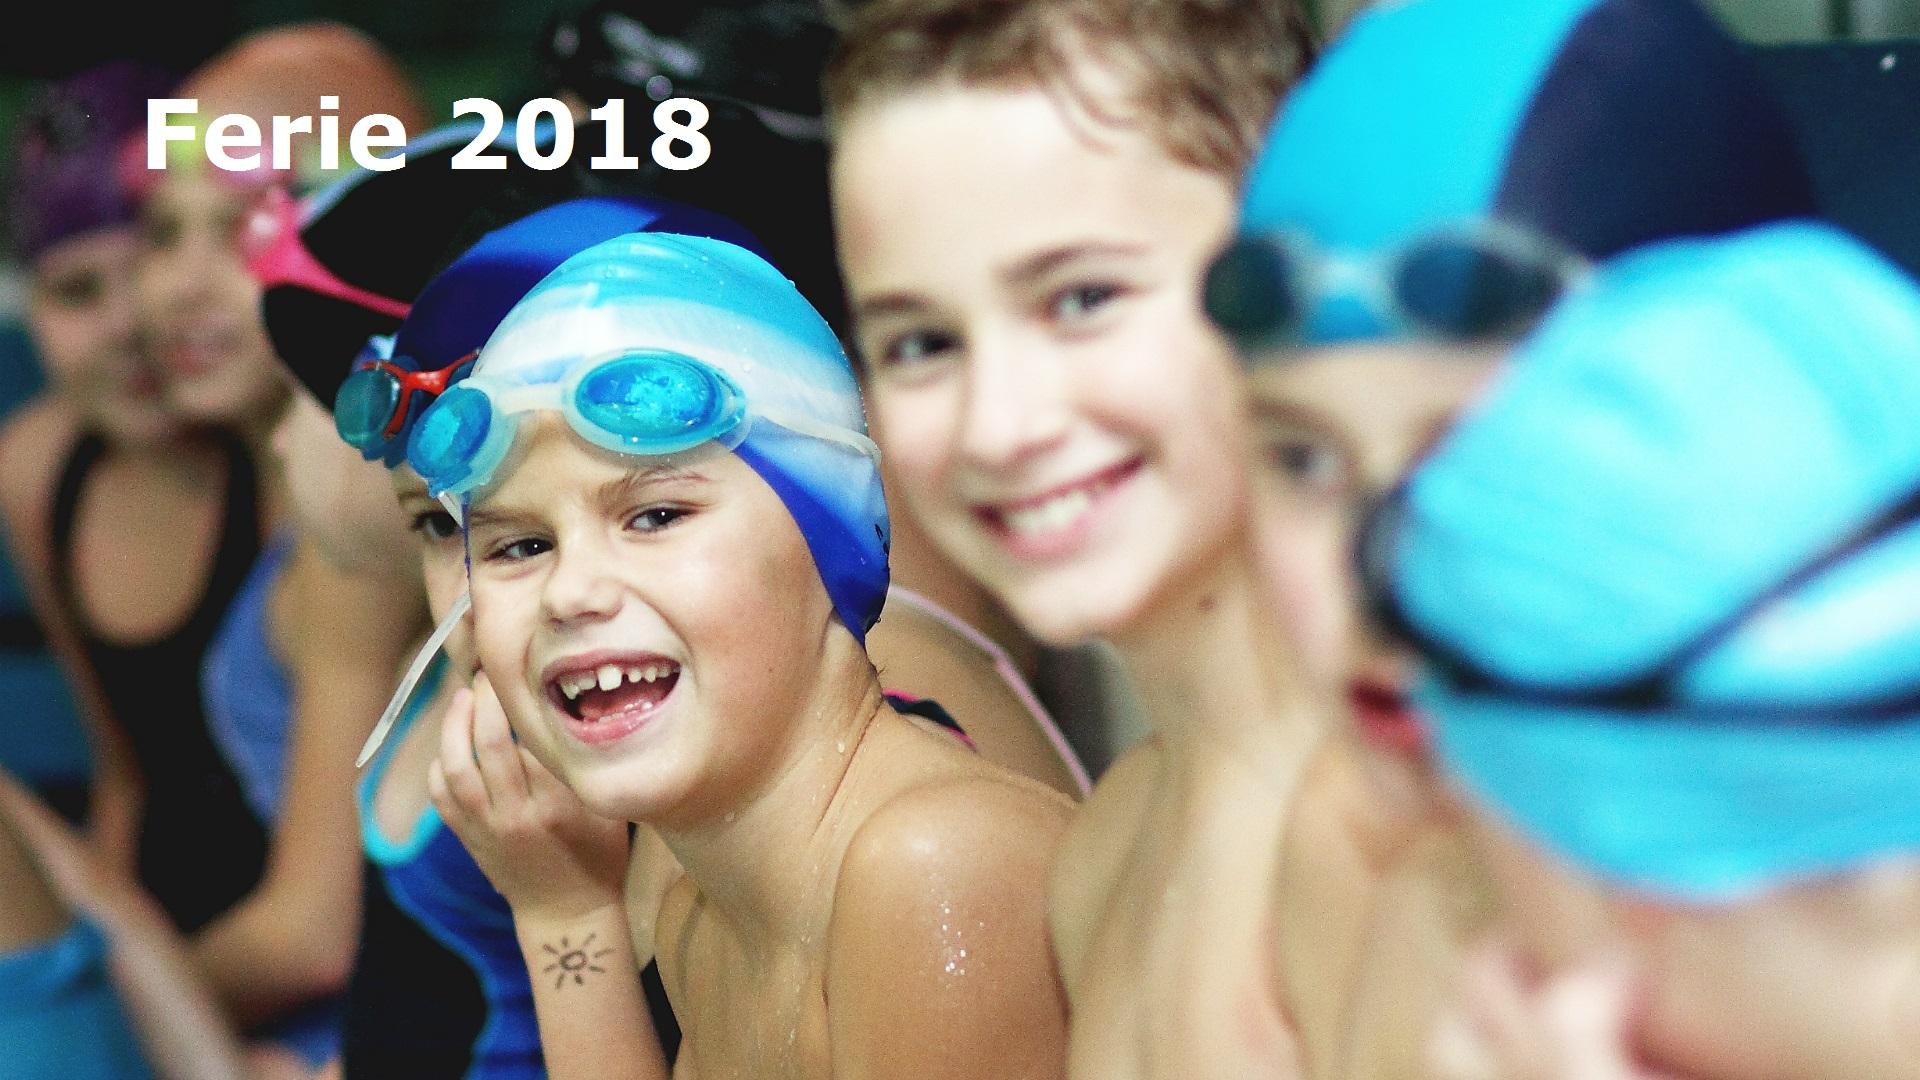 Ferie 2018 na naszej pływalni